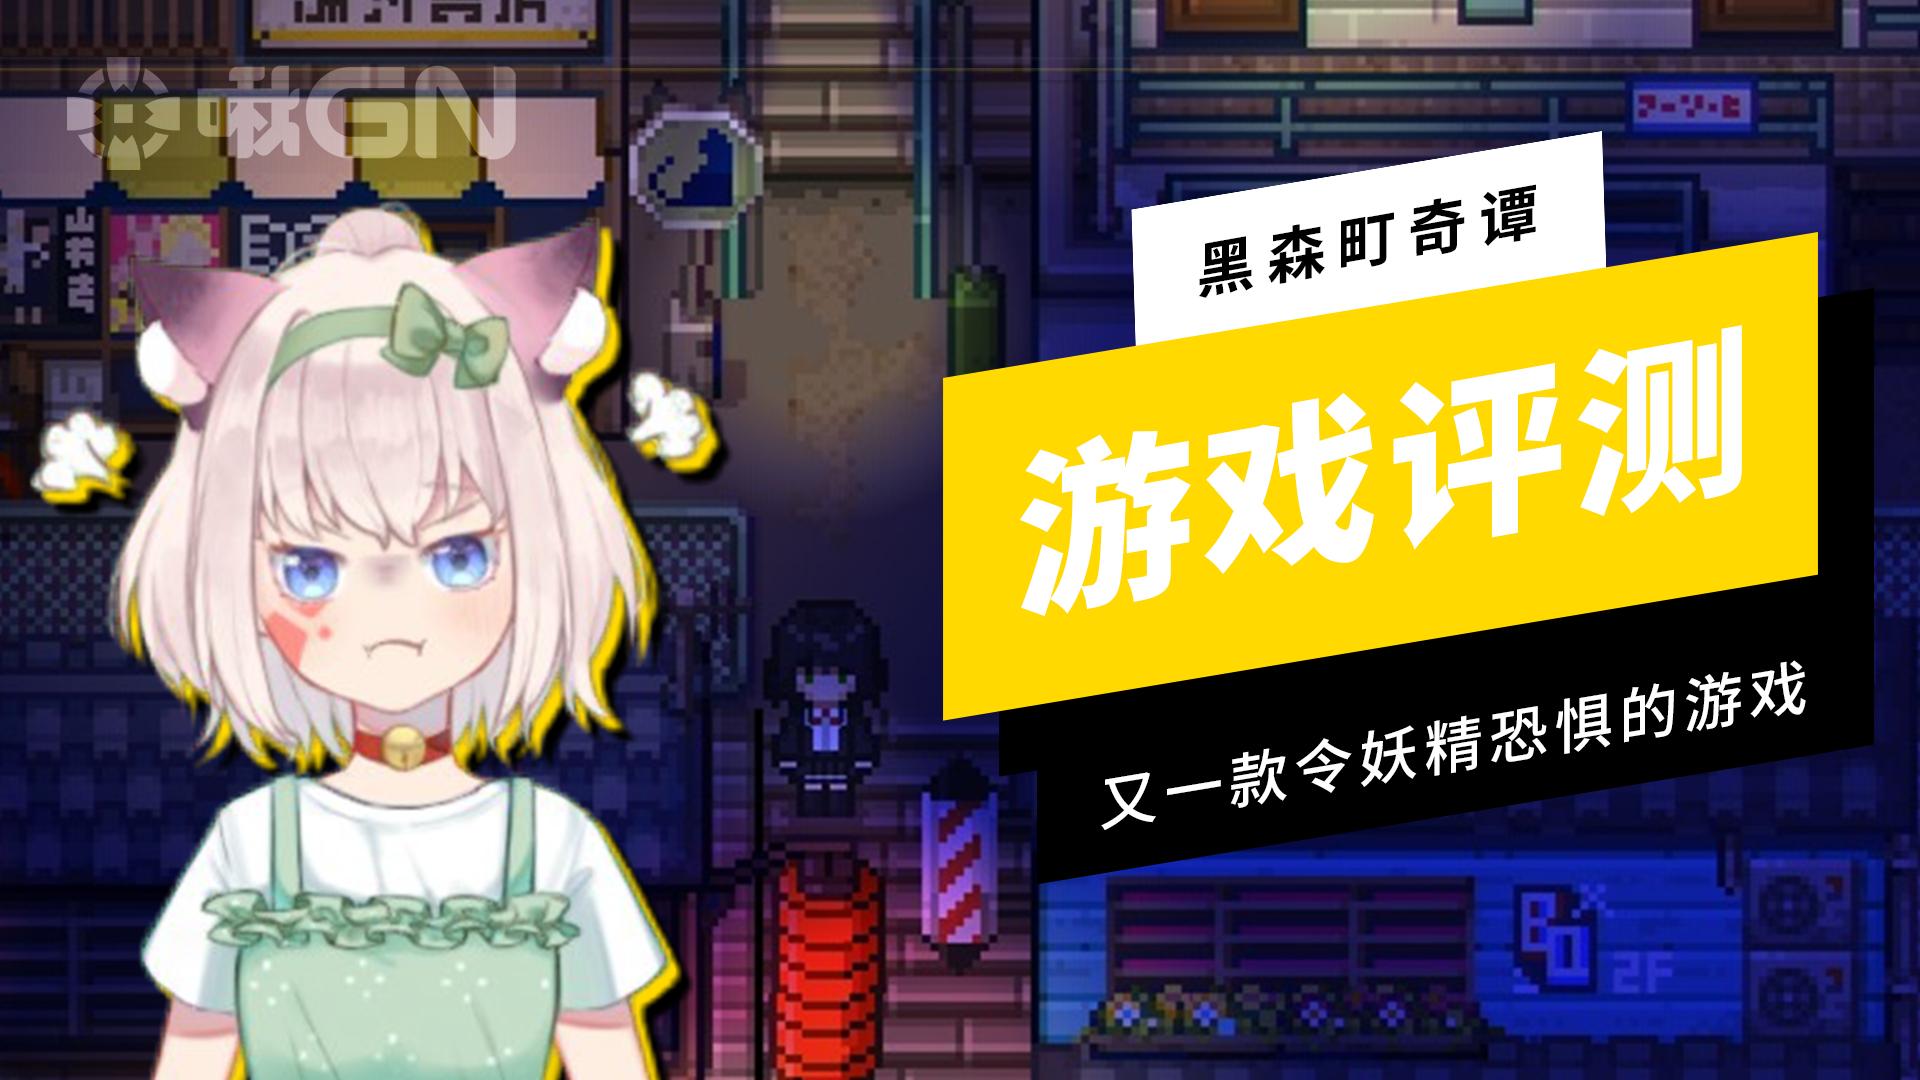 【啾GN评测】黑森町奇谭:很恐怖还特别啰嗦!